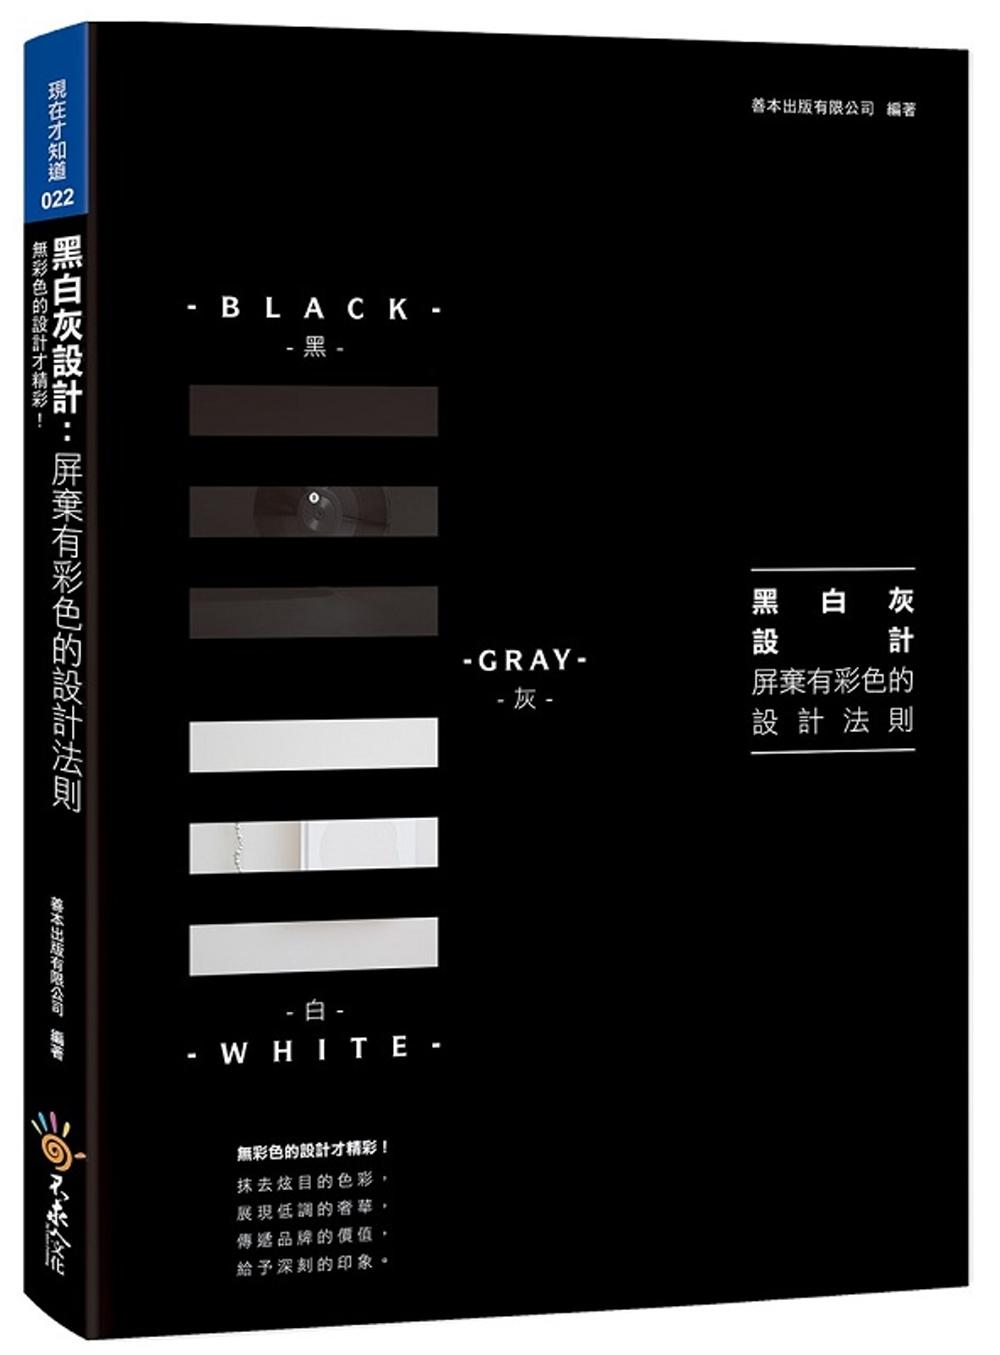 黑白灰設計:屏棄有彩色的設計法則